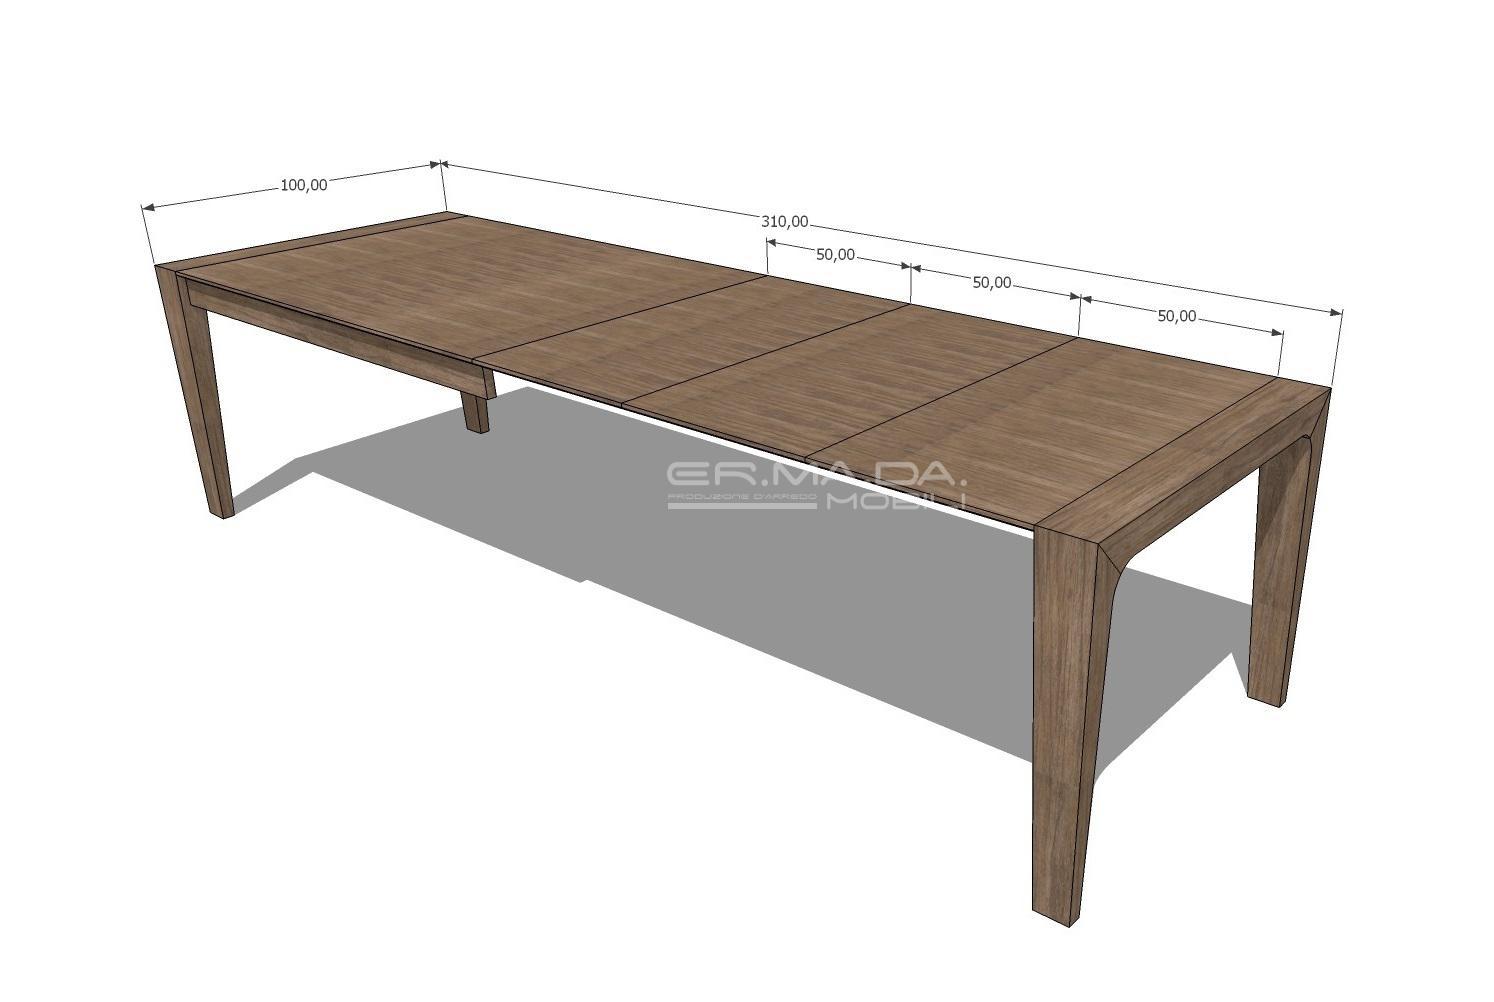 Tavolo Allungabile 11 Er Ma Da Mobilificio Progetta E Costruisce I Tuoi Mobili